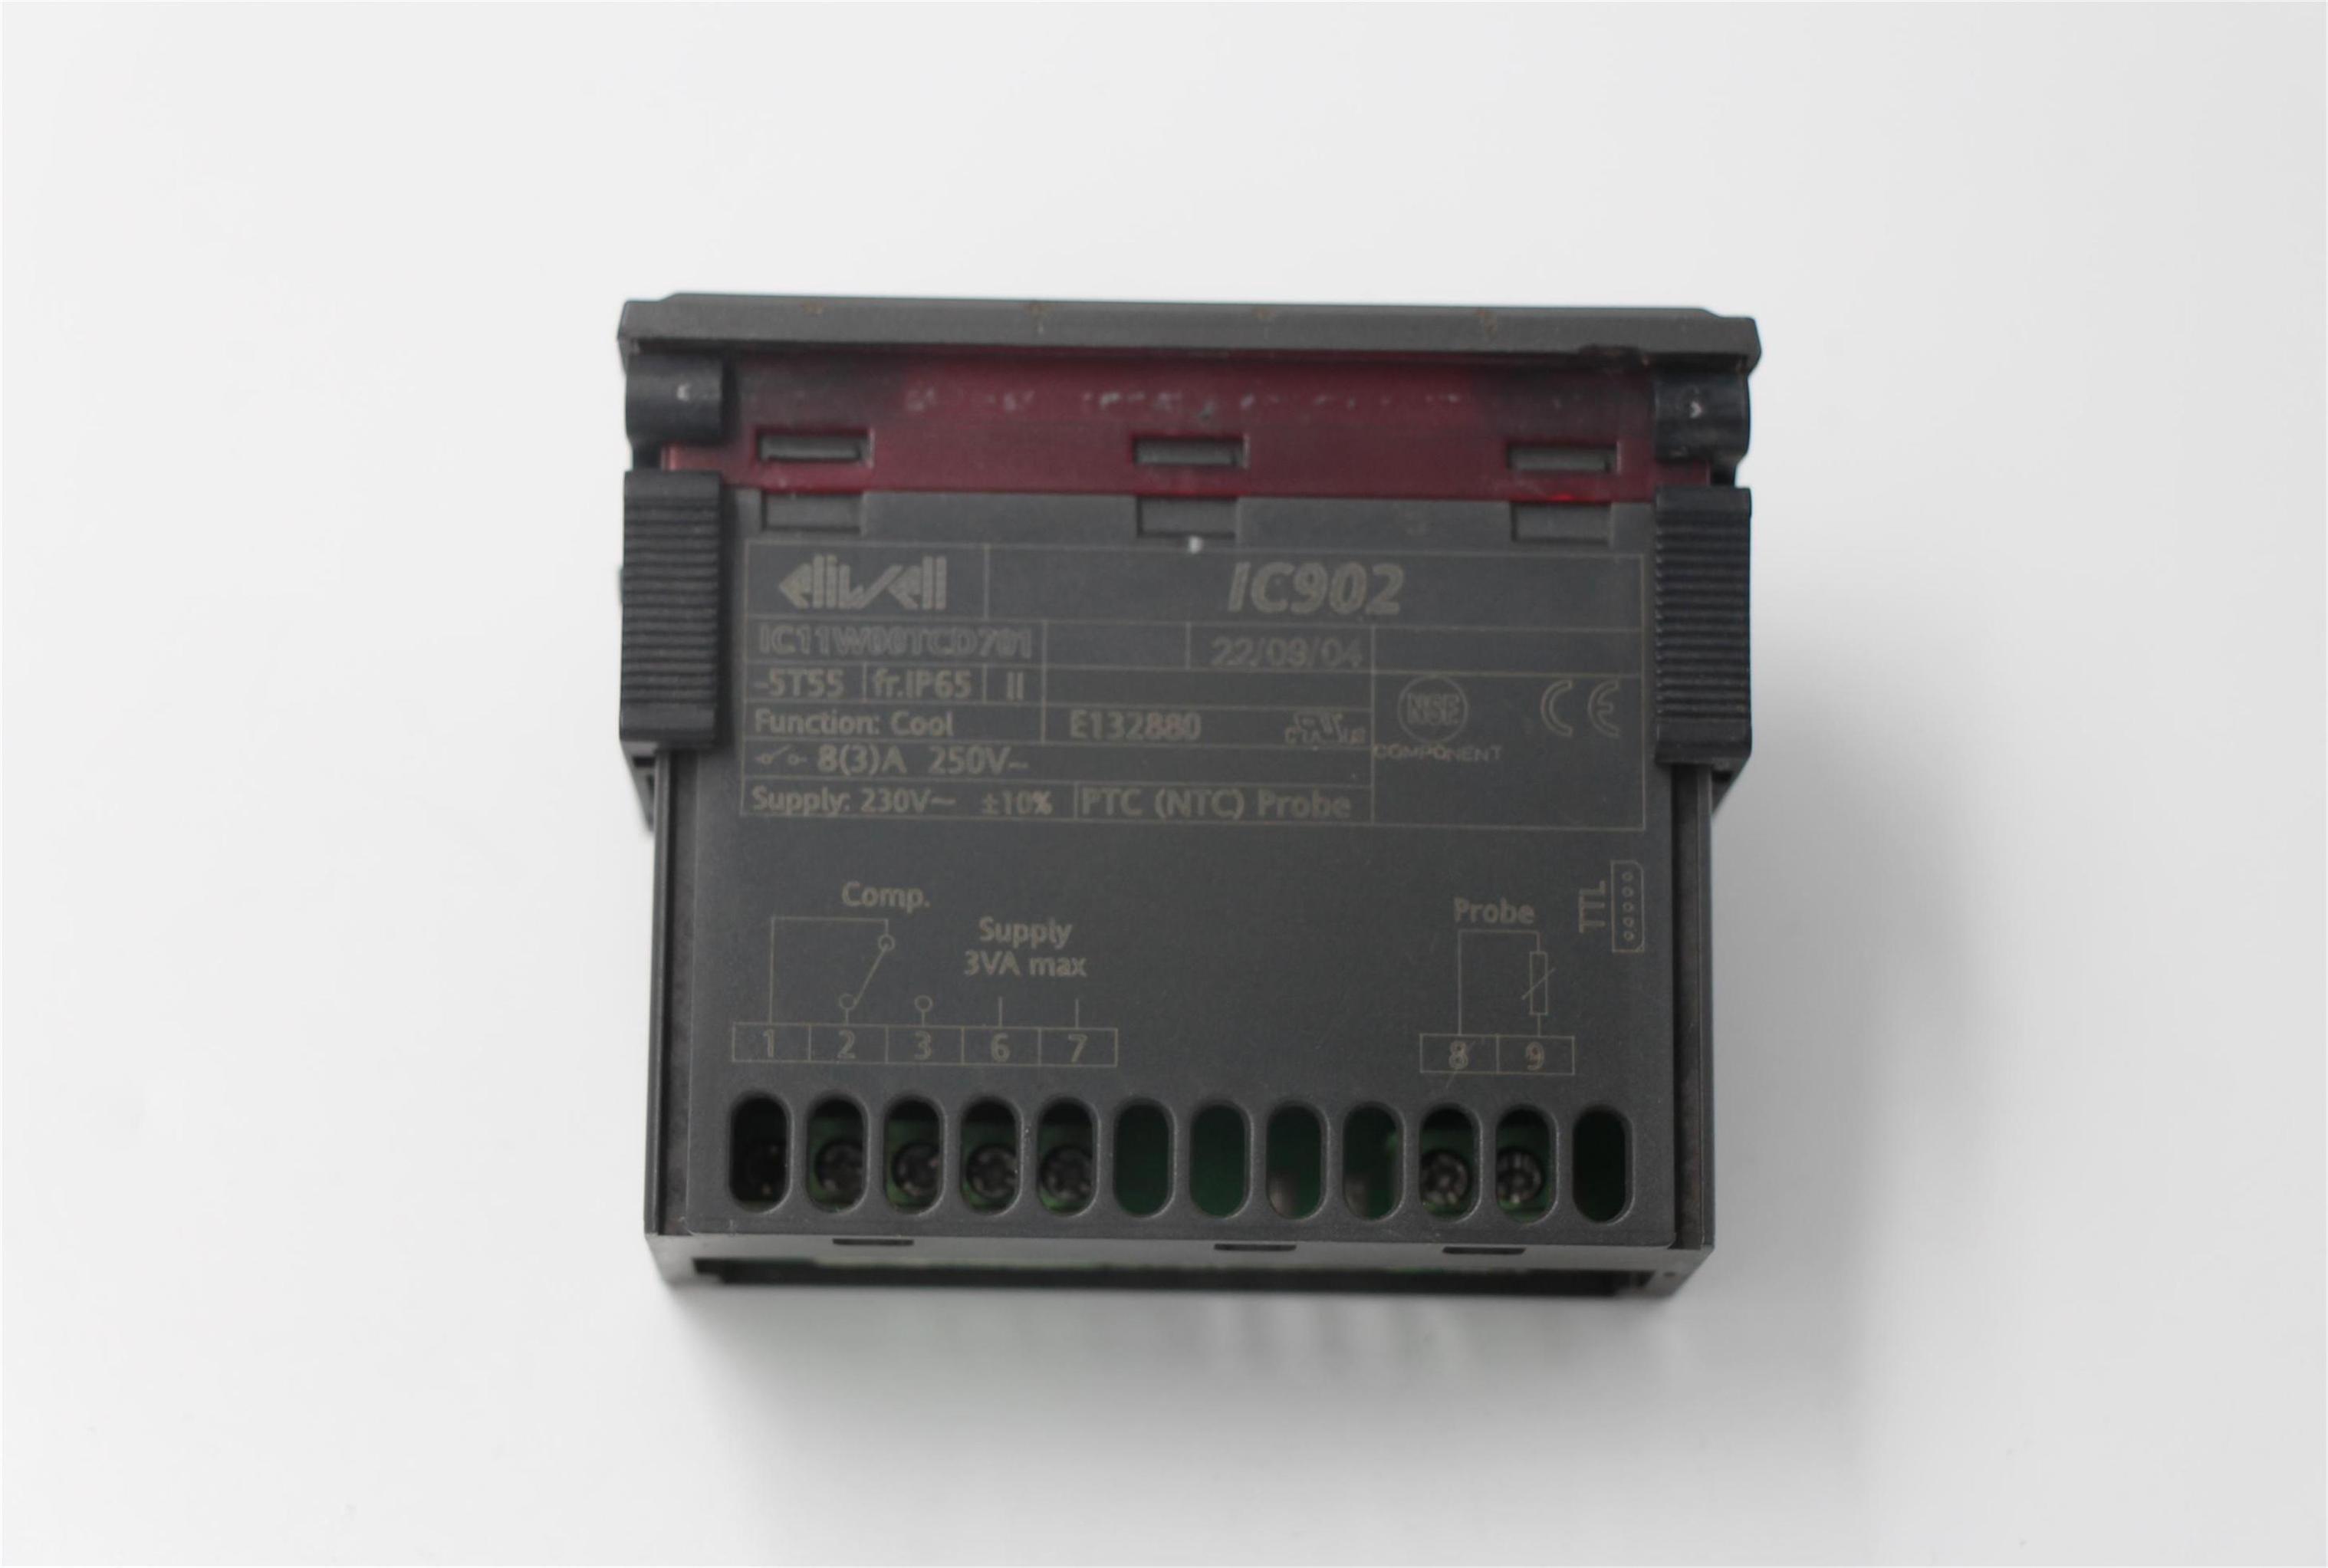 怎么買具有口碑的門富士定型機空調溫控表呢    -門富士定型機空調溫控表哪家有